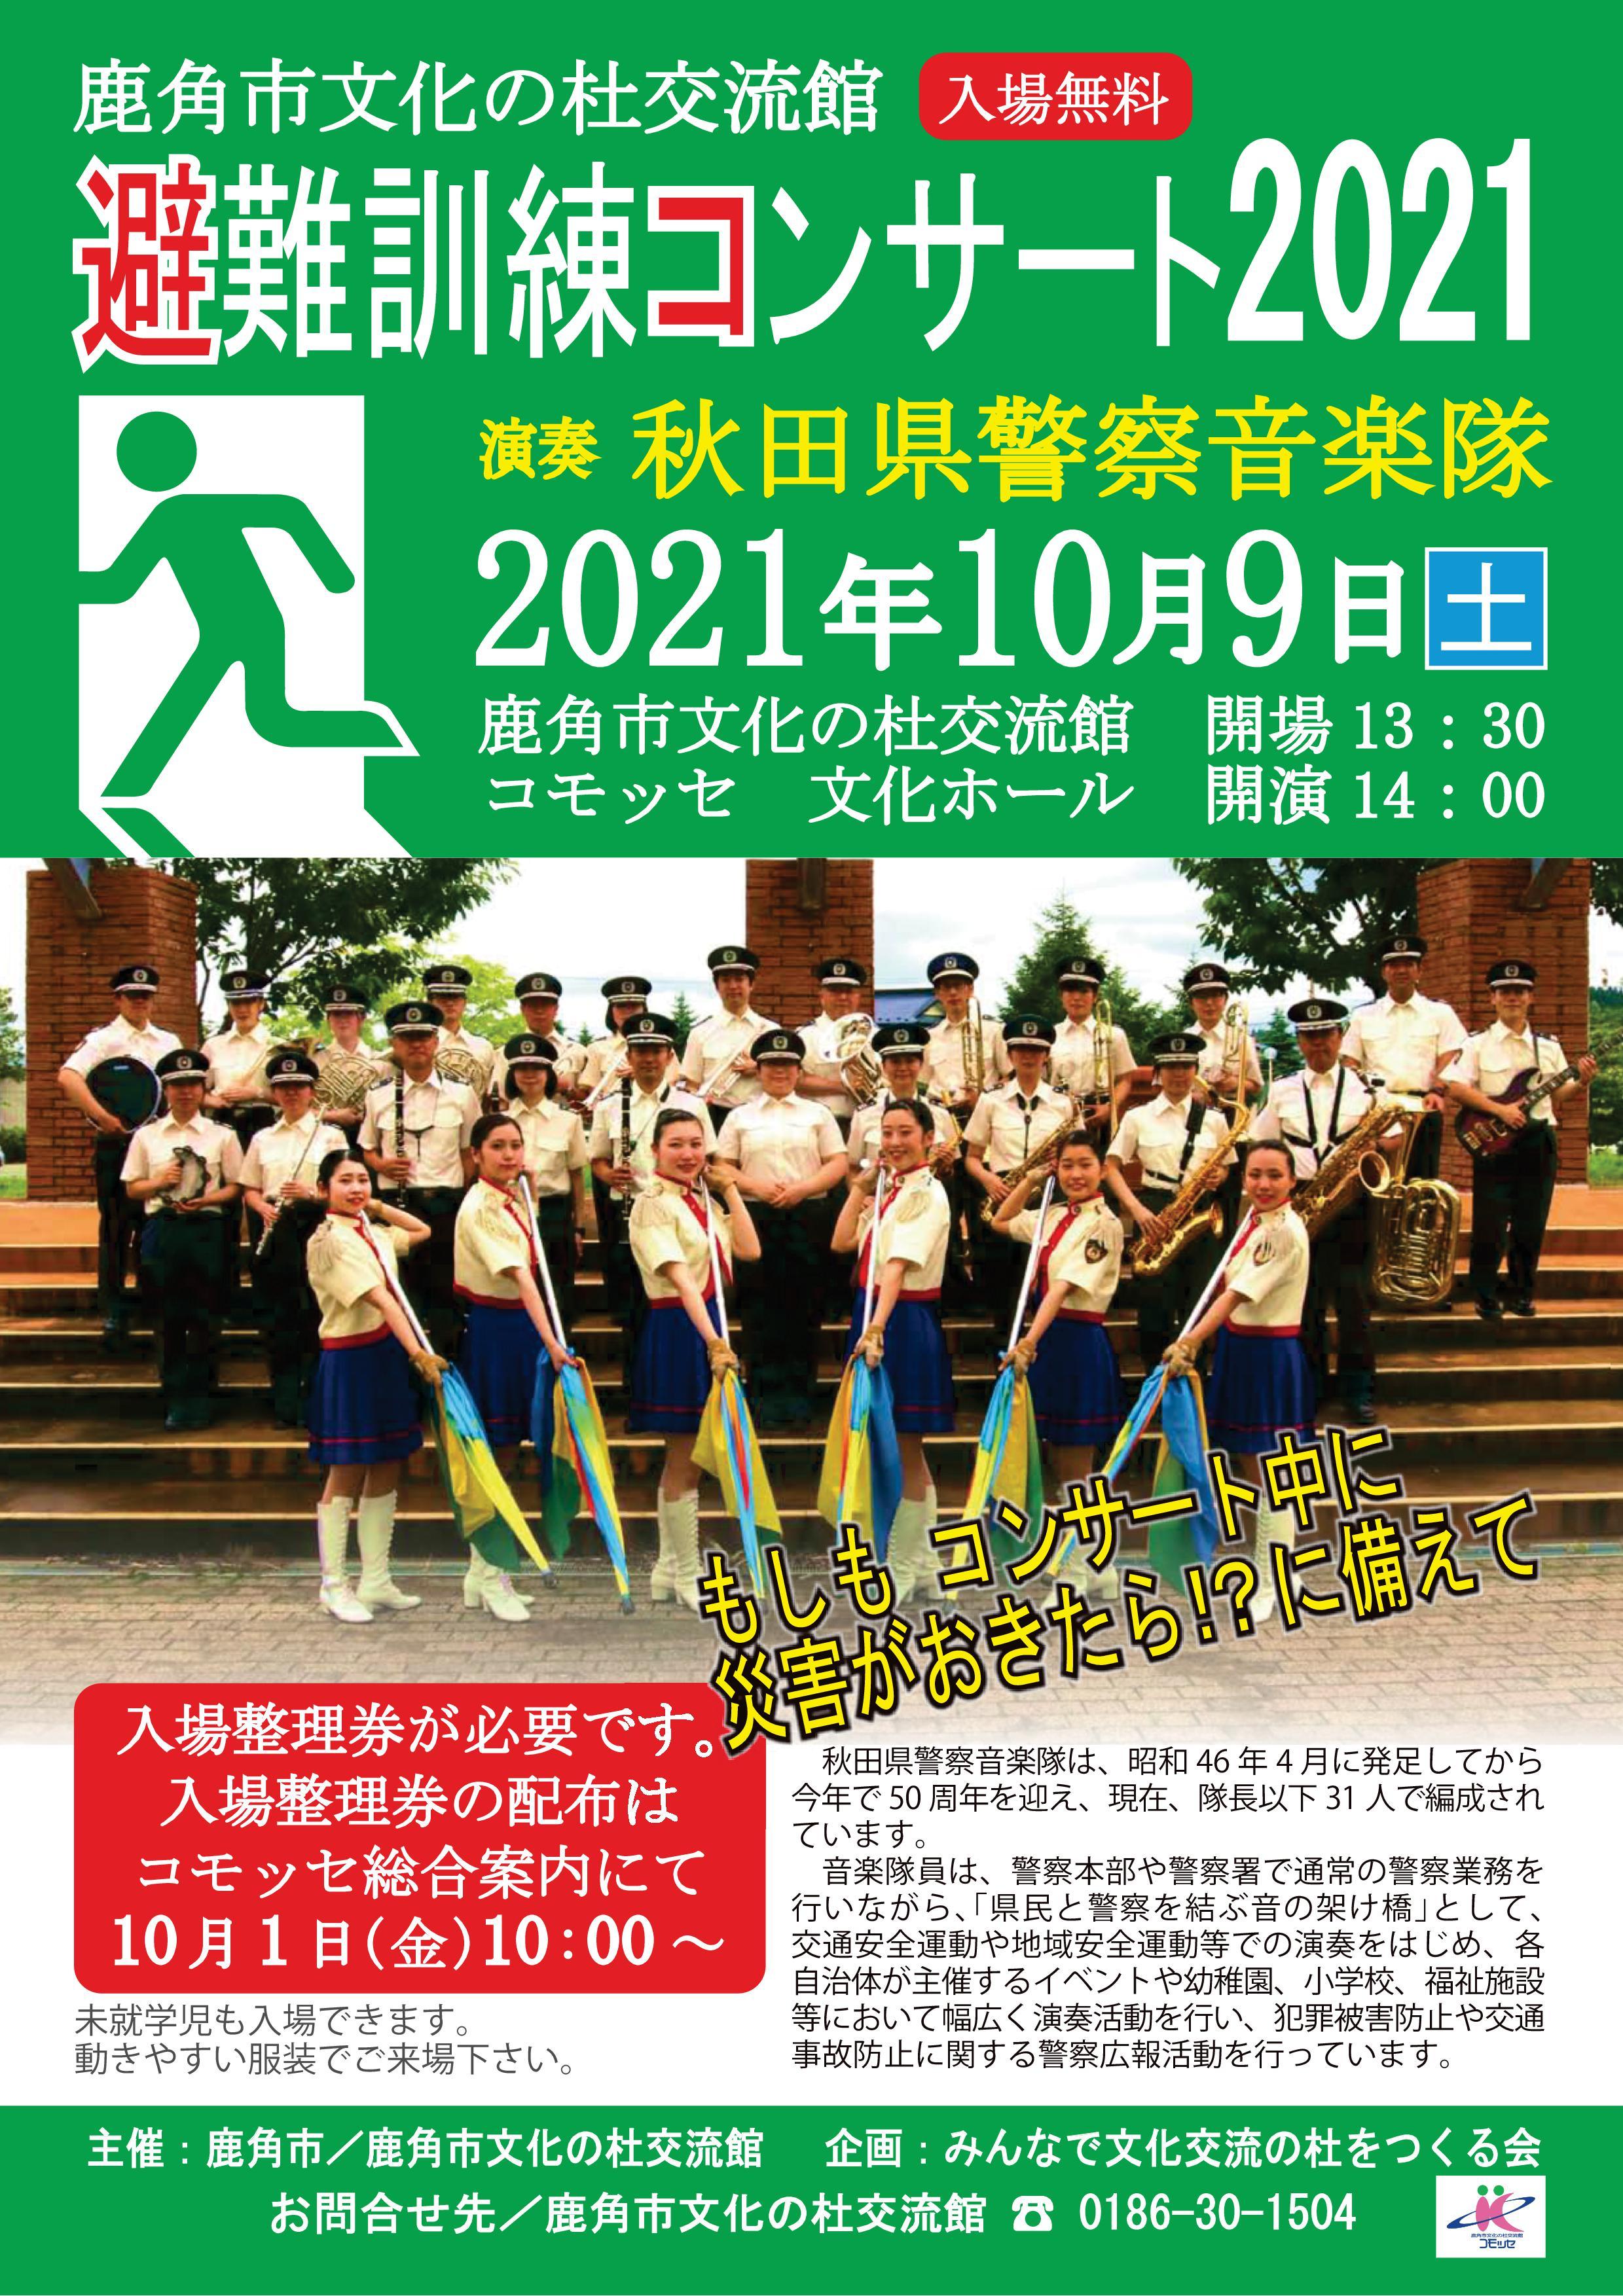 避難訓練コンサート2021ポスター